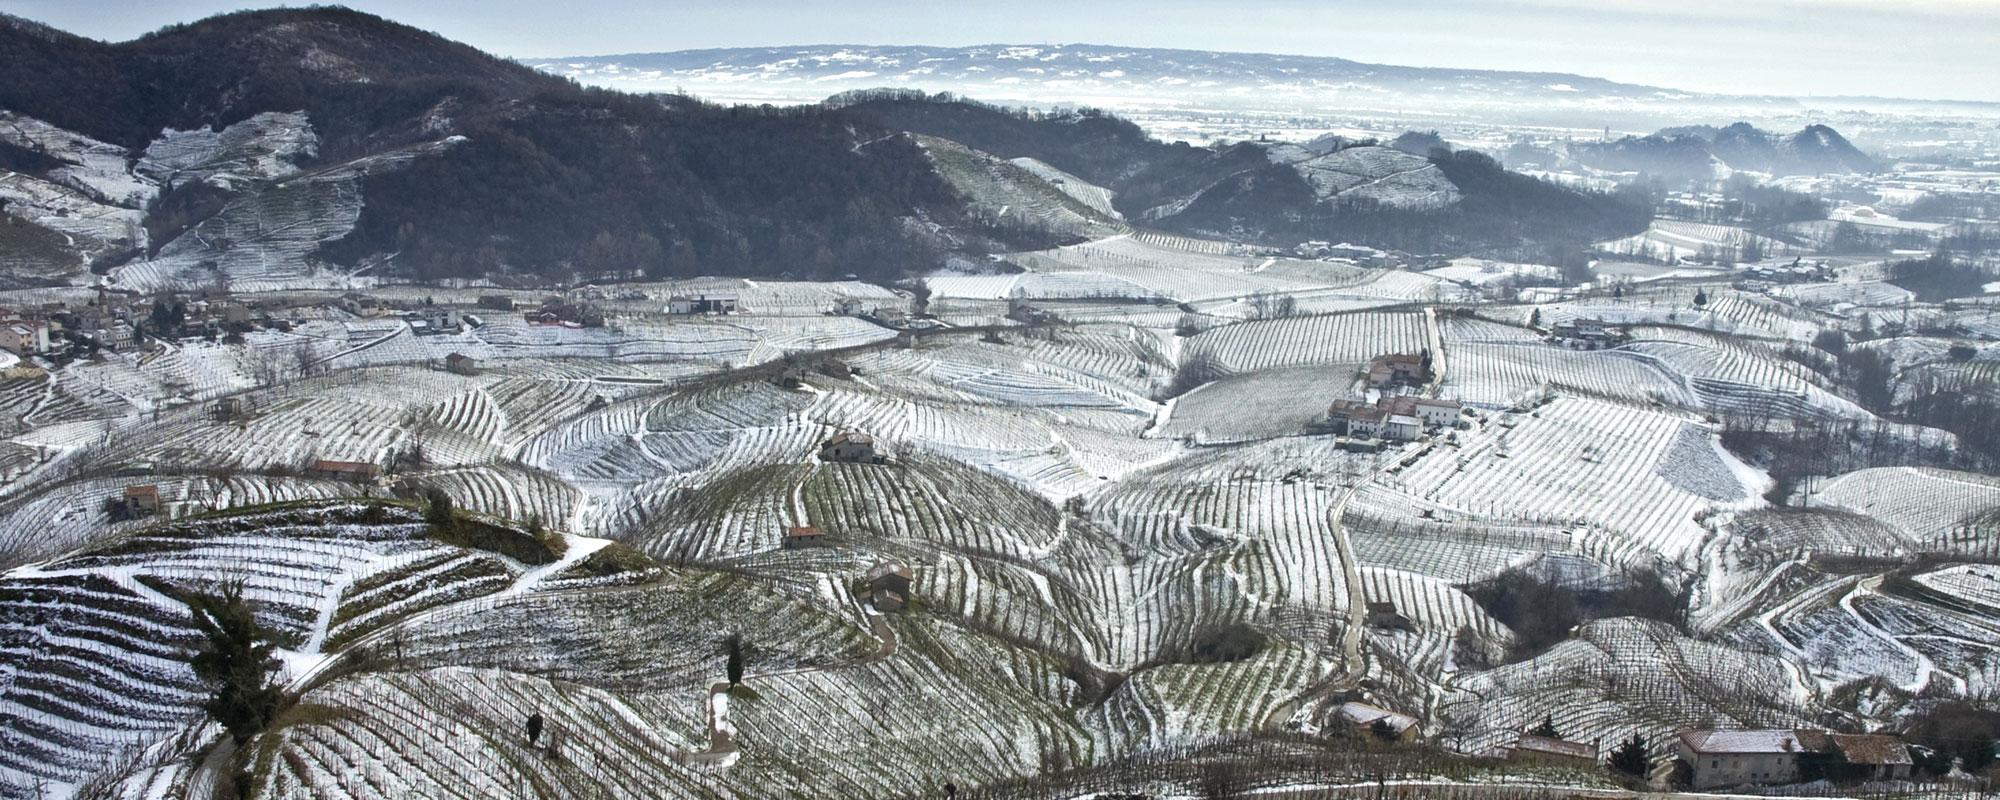 Colline prosecco en hiver - Valdobbiadene